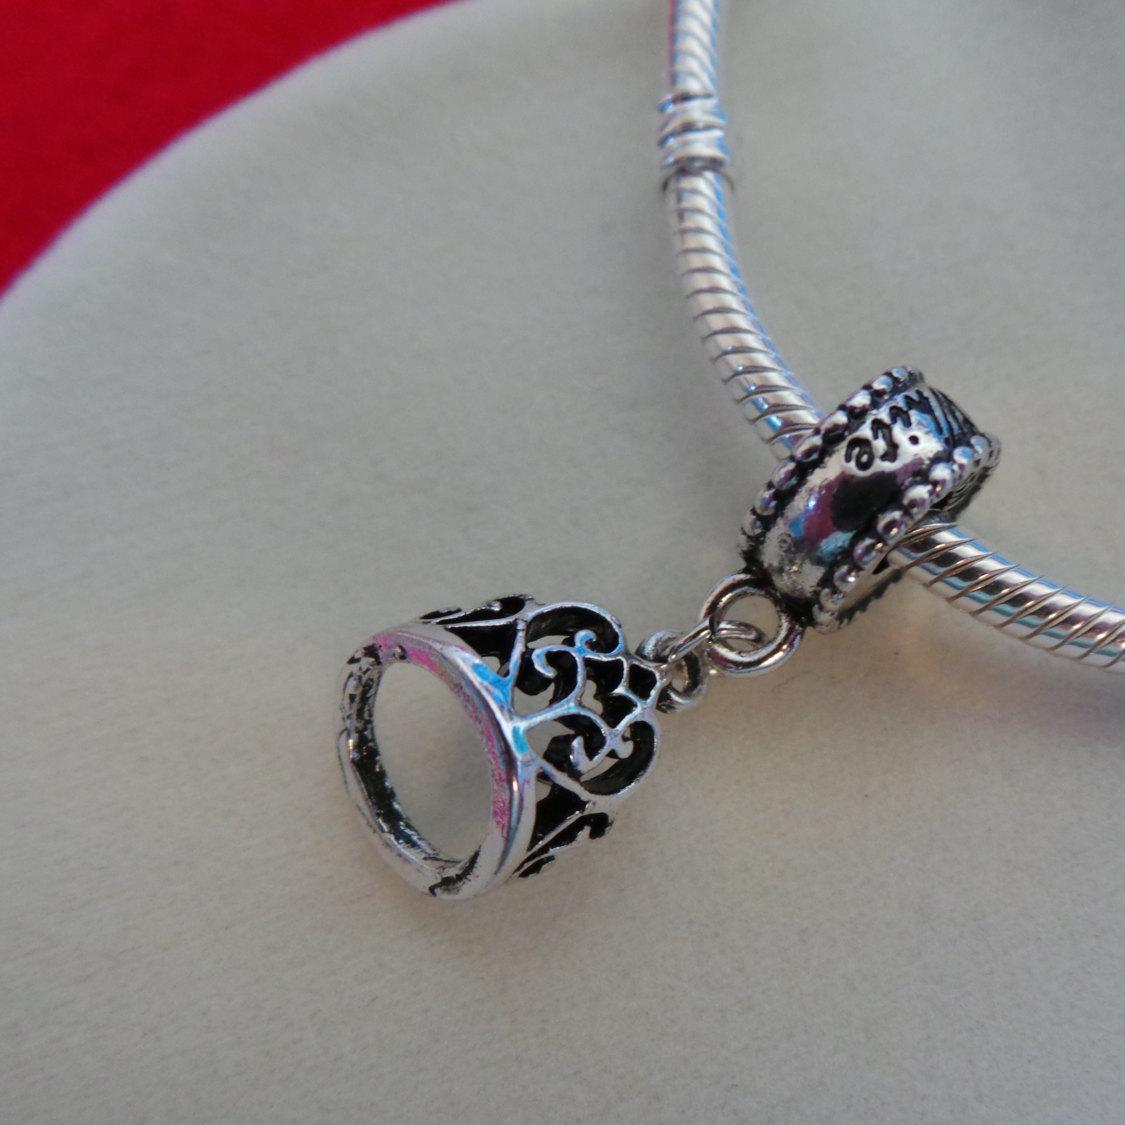 NEW Disney Princess Theme Dangle Charm - Snow White's Tiara Crown, silver plate